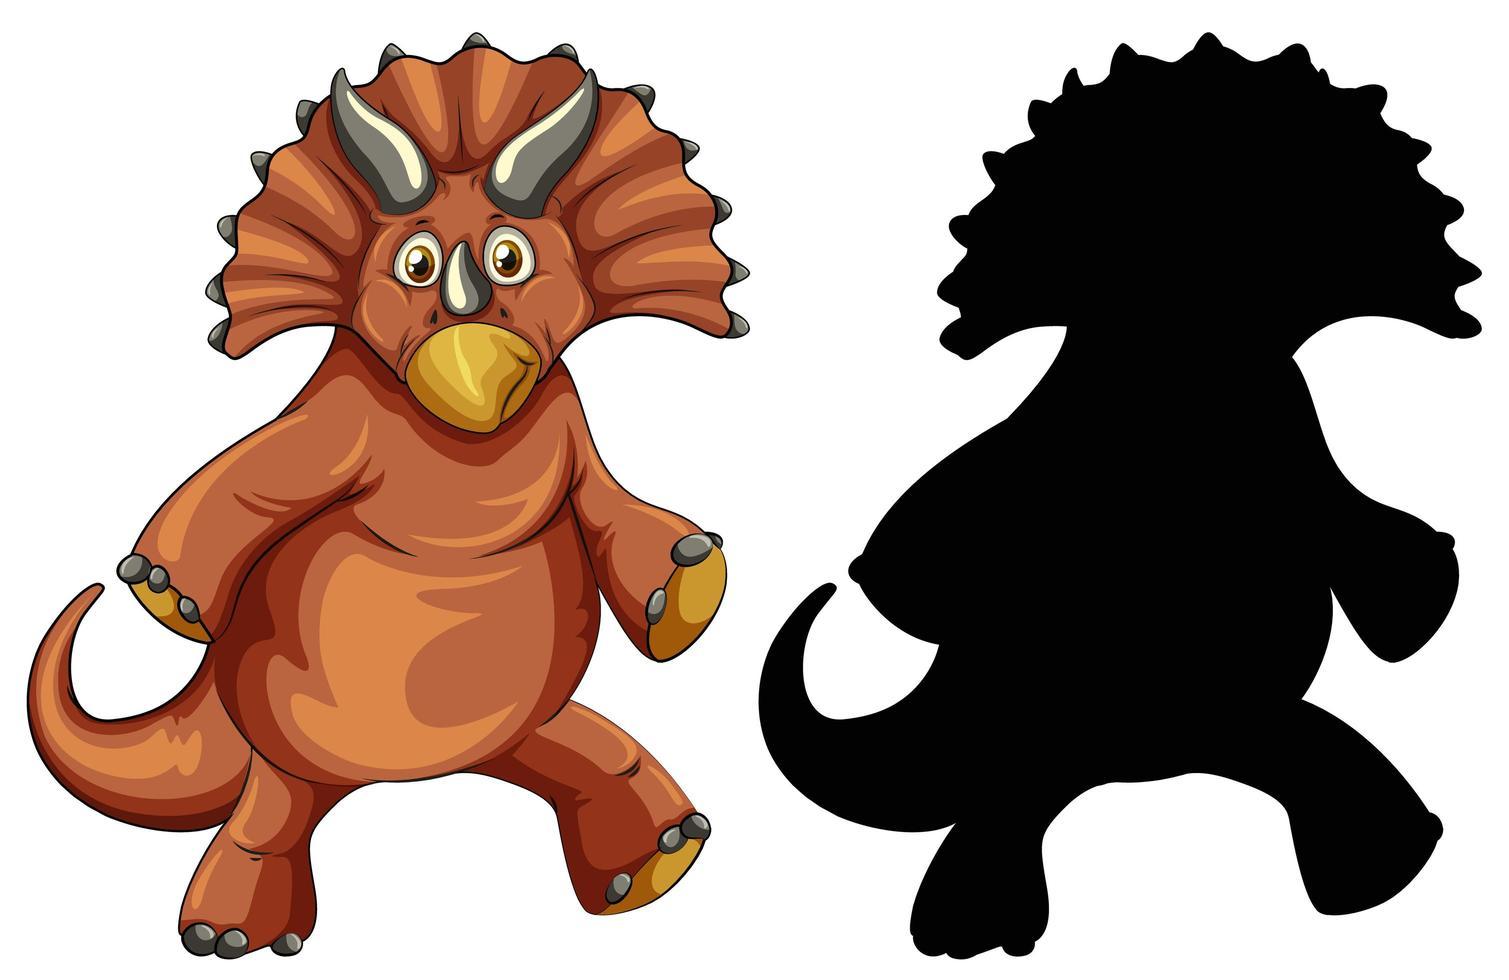 ensemble de personnage de dessin animé de dinosaure et sa silhouette sur fond blanc vecteur